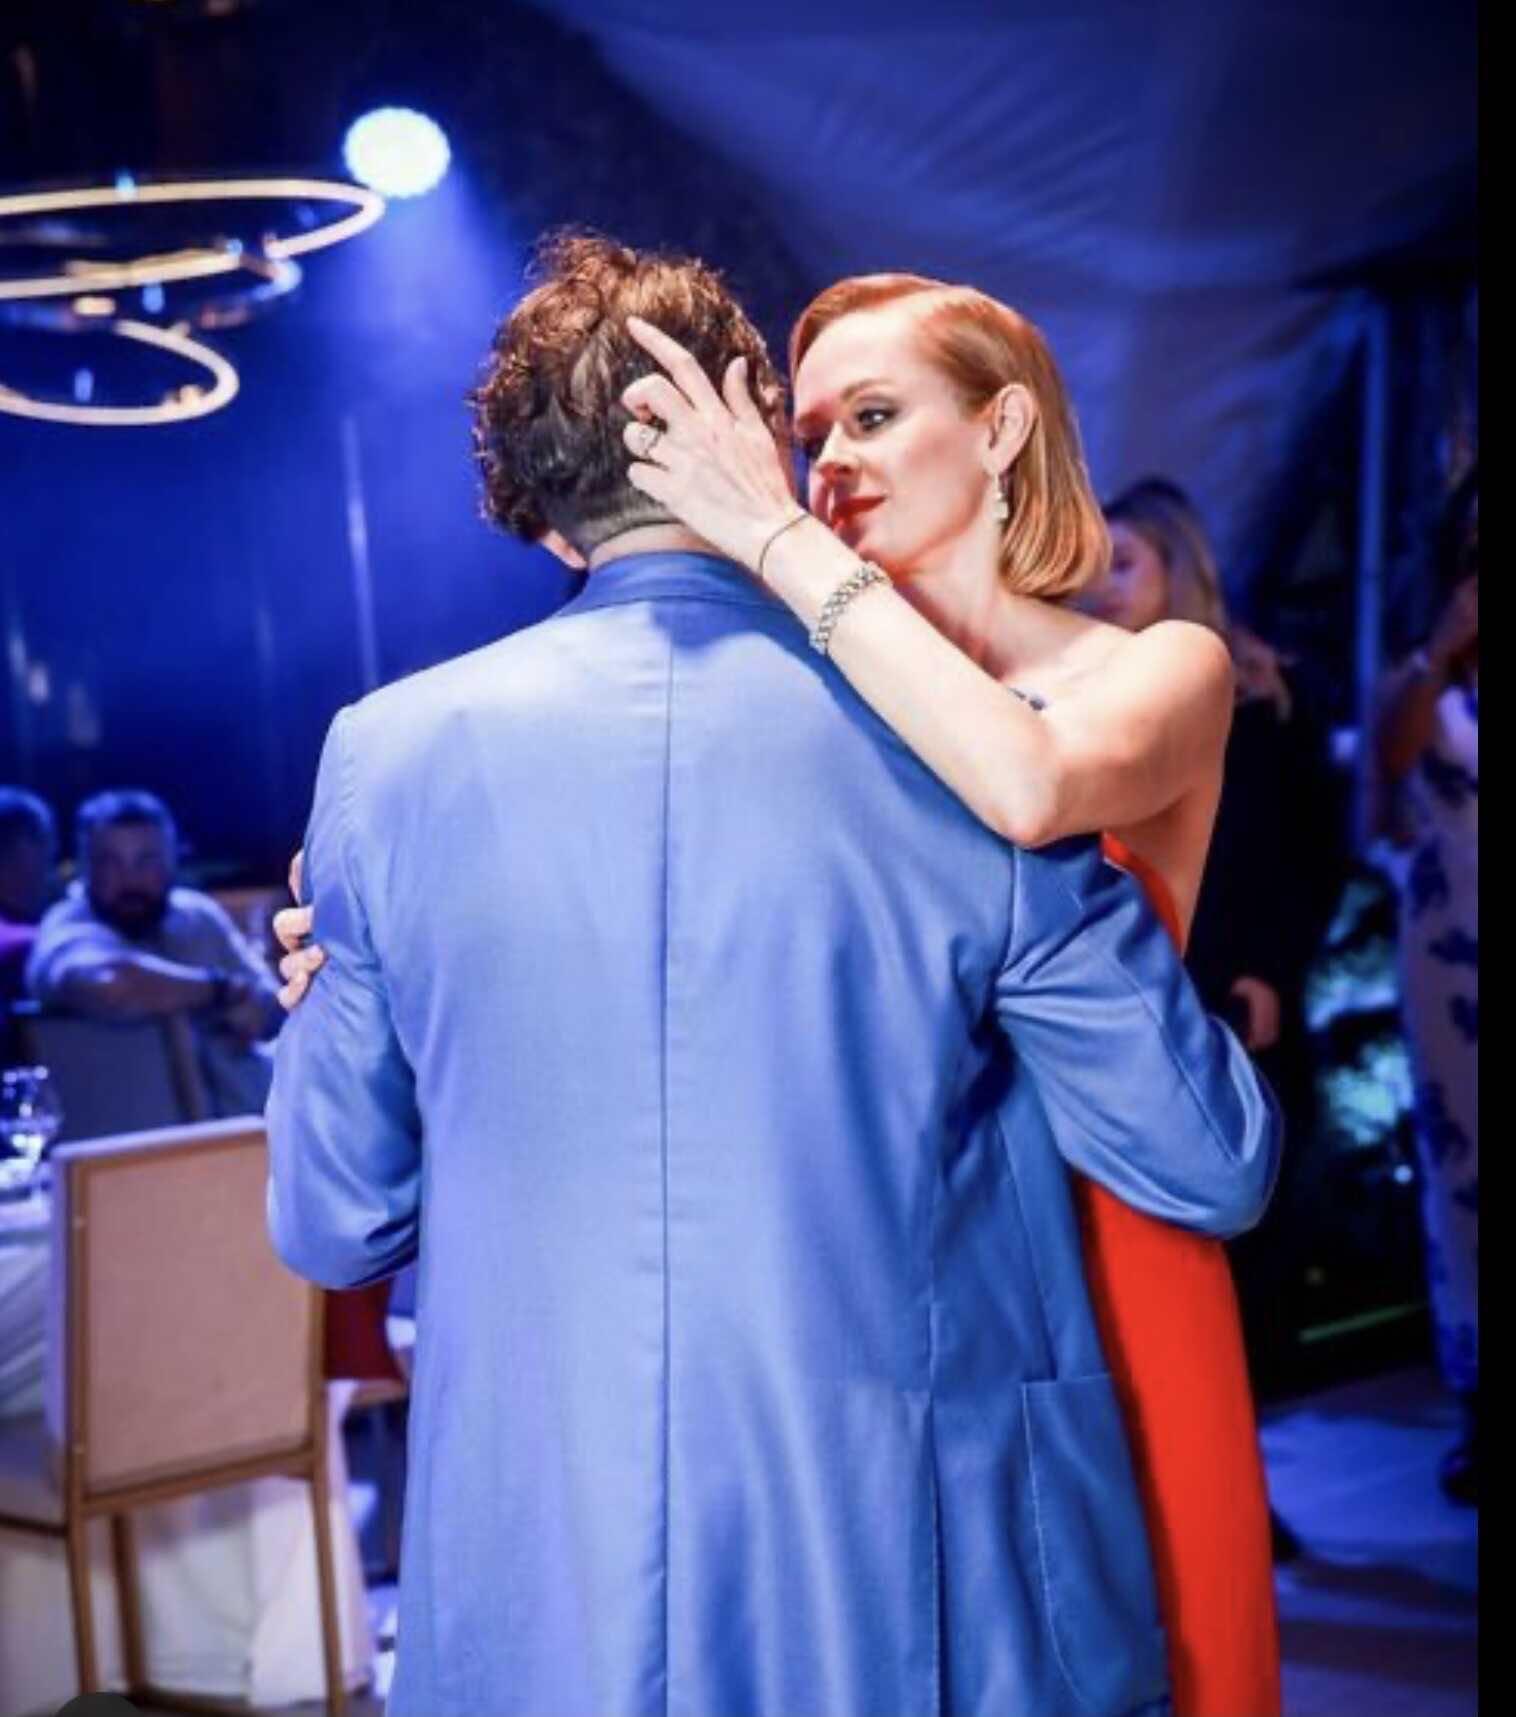 «Люблю»: Григорий Лепс показал редкое нежное фото с женой